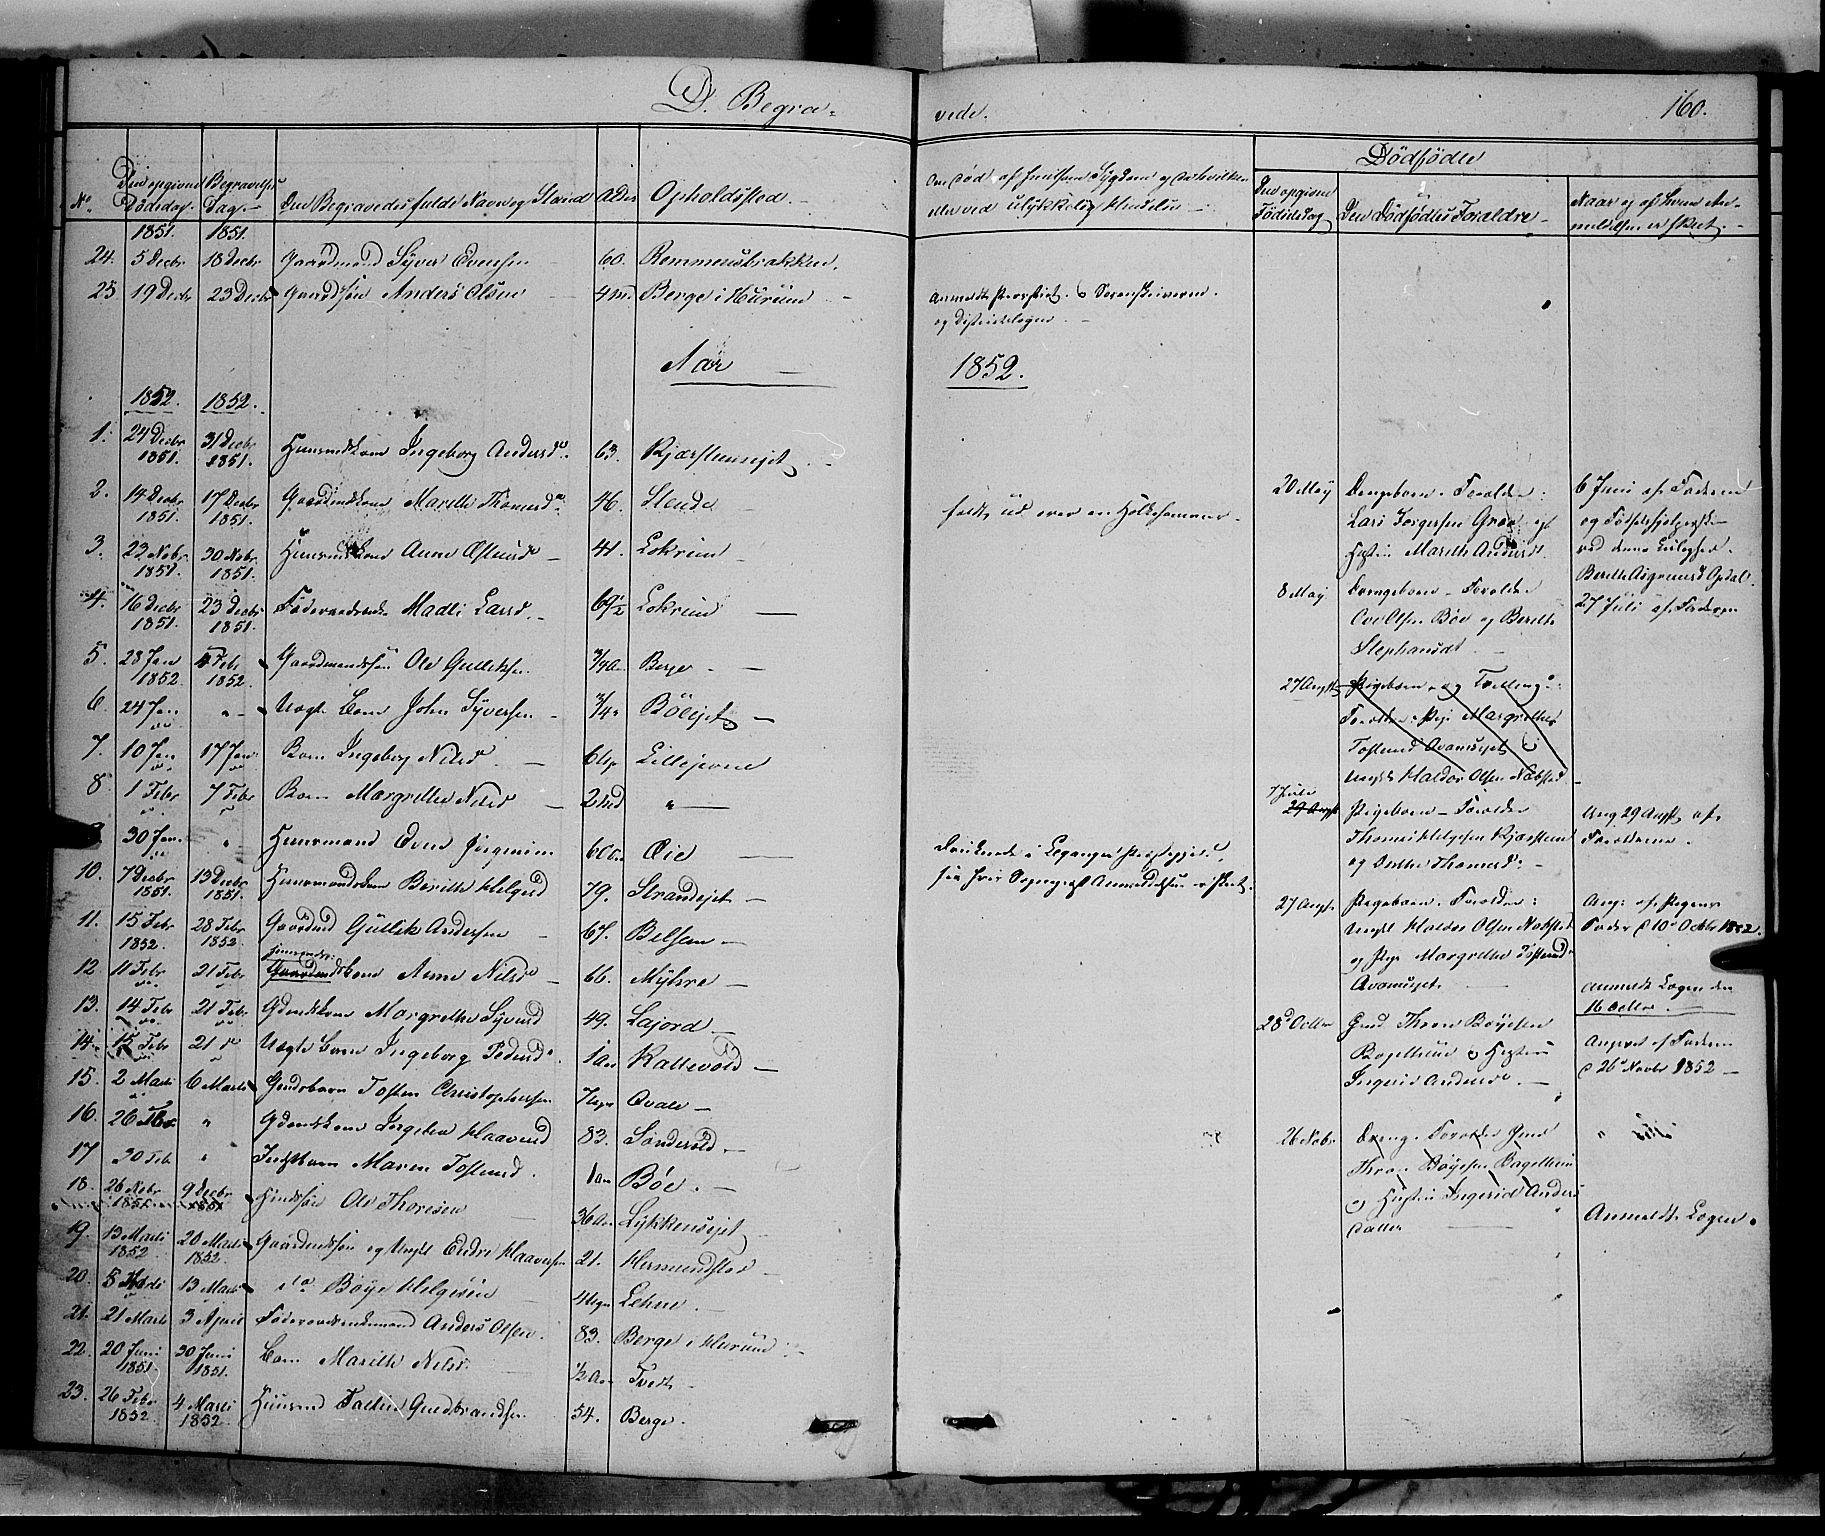 SAH, Vang prestekontor, Valdres, Ministerialbok nr. 6, 1846-1864, s. 160